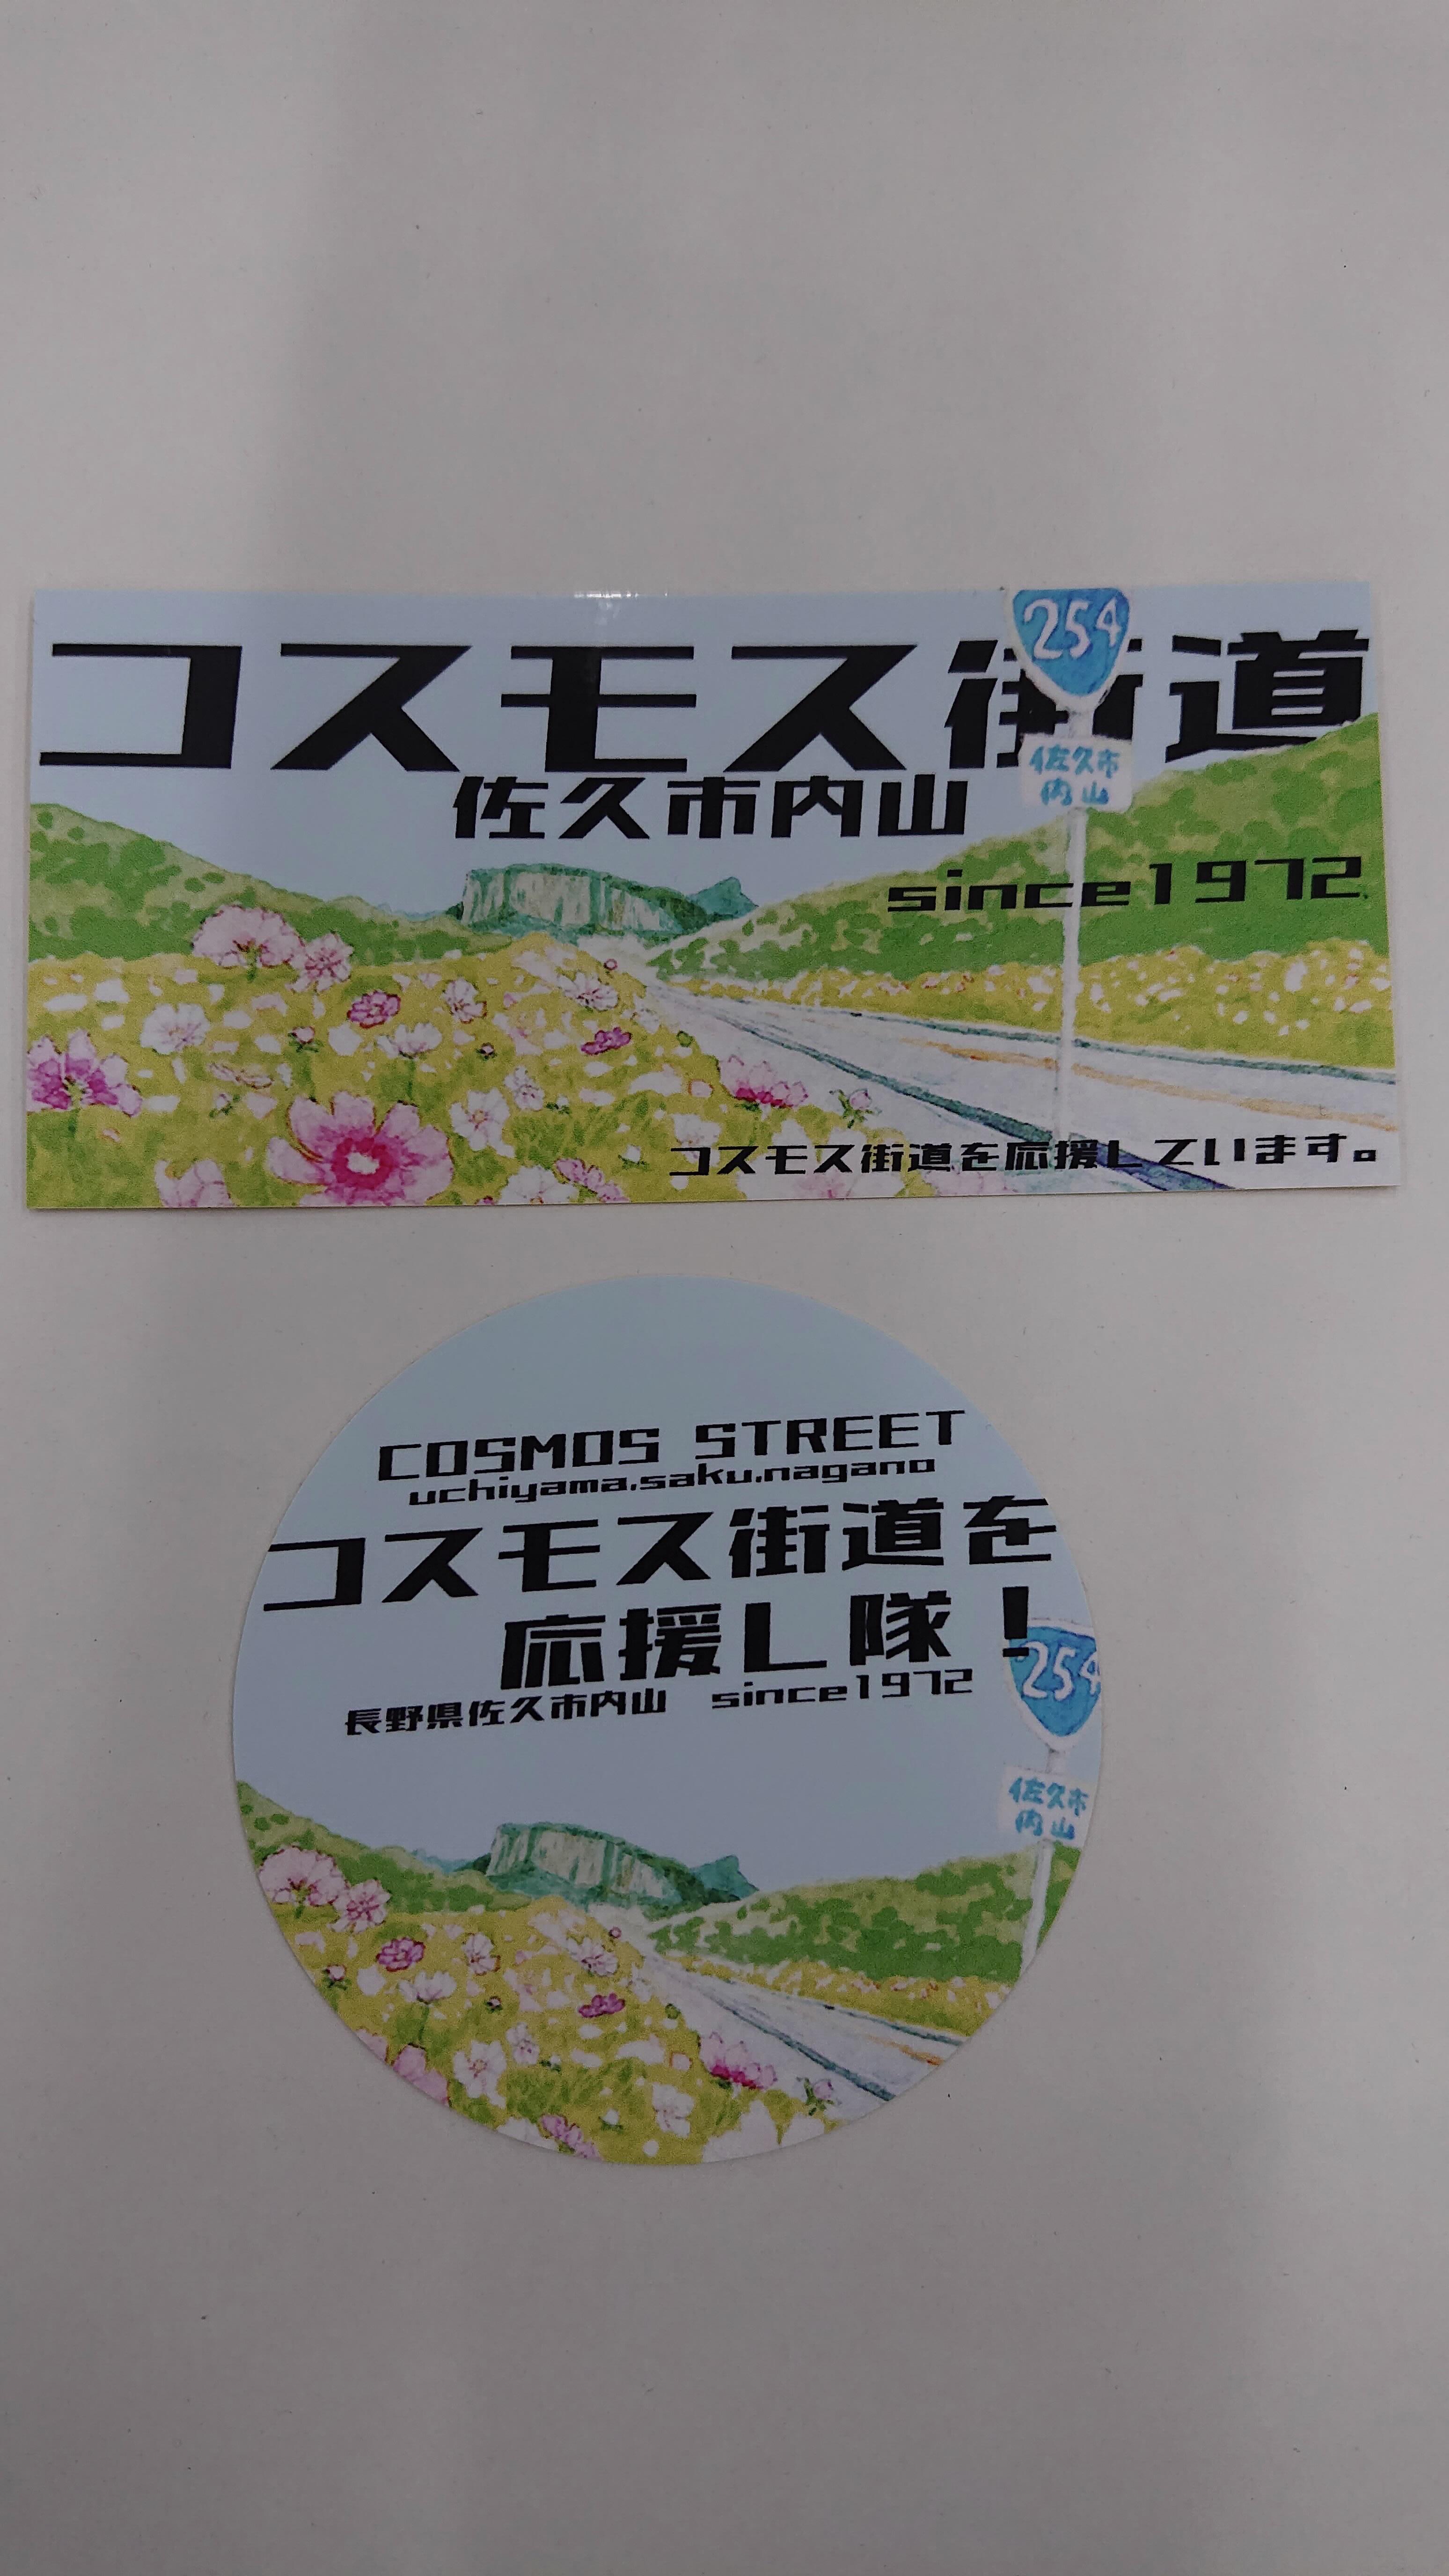 http://www.sakukankou.jp/sightseeing/DSC_2204_cleaned.jpg